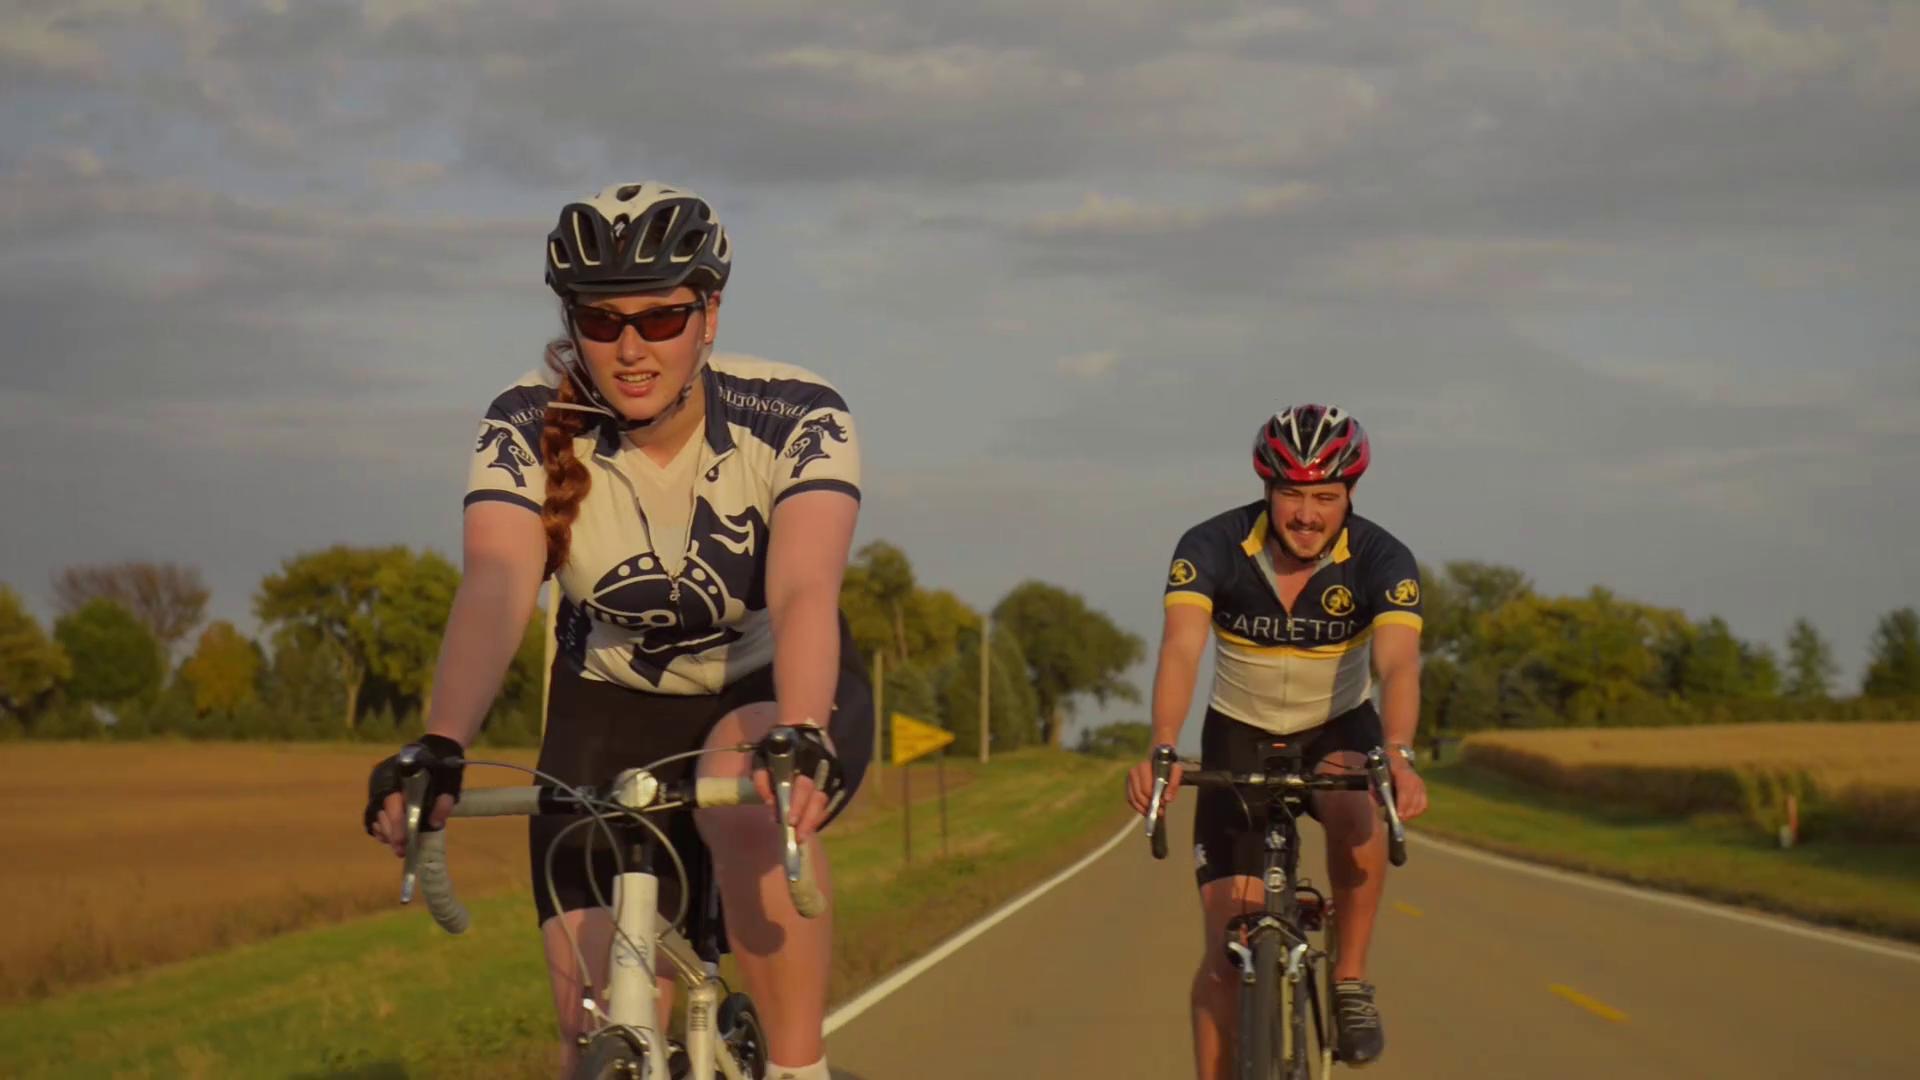 cyclingteam